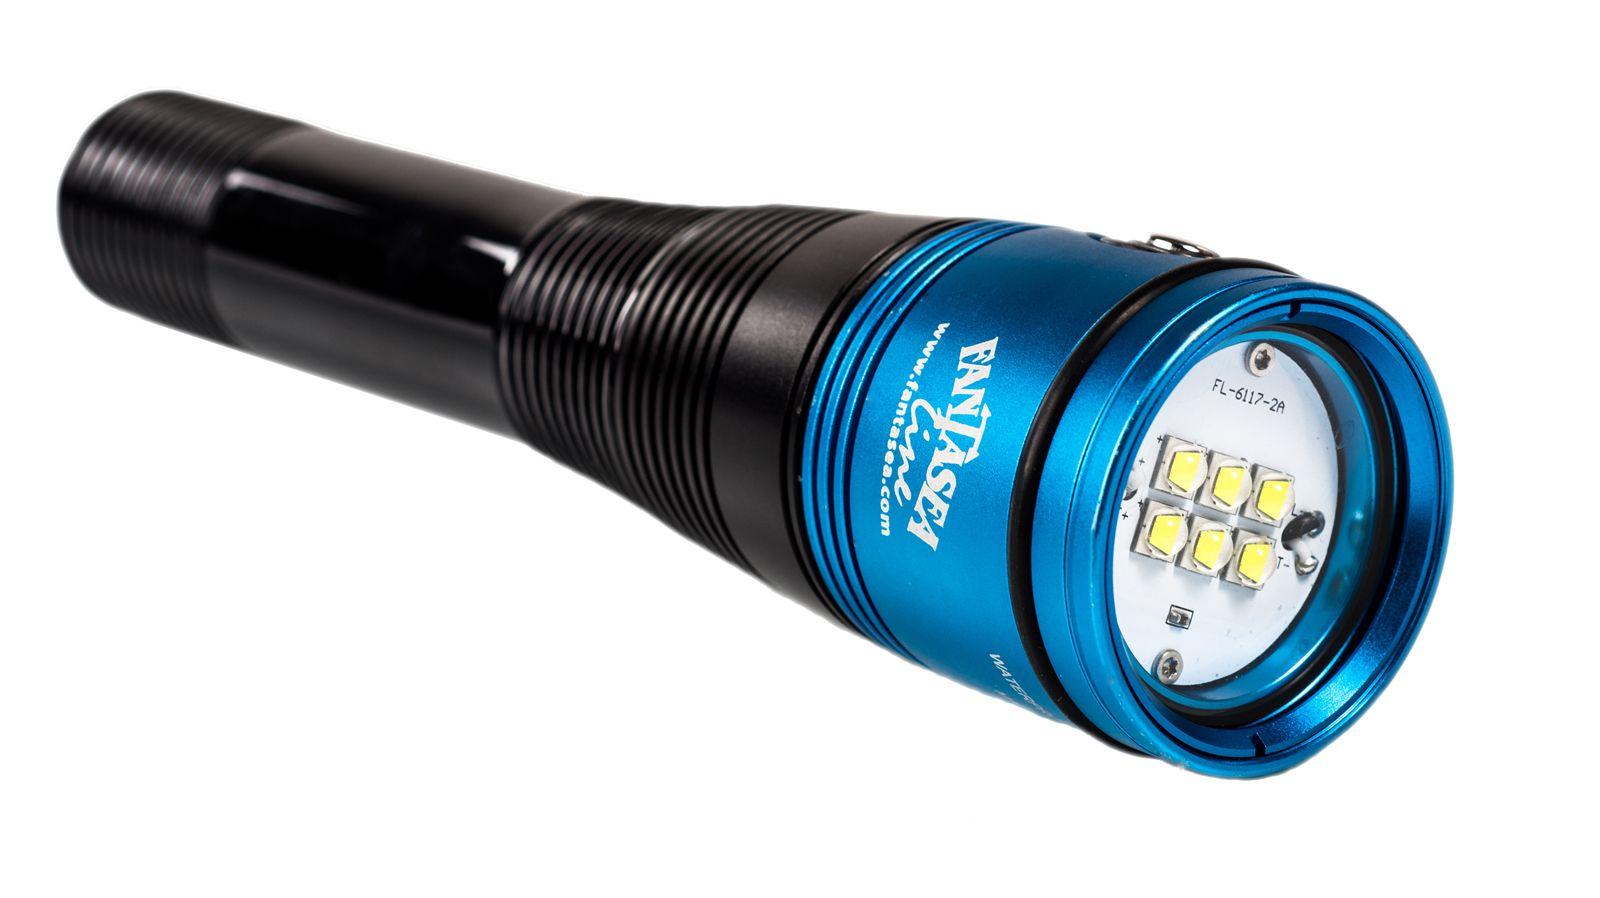 Fantasea Radiant 2500 Video Light  sc 1 st  Pinterest & Fantasea Radiant 2500 Video Light | Video lighting and Underwater